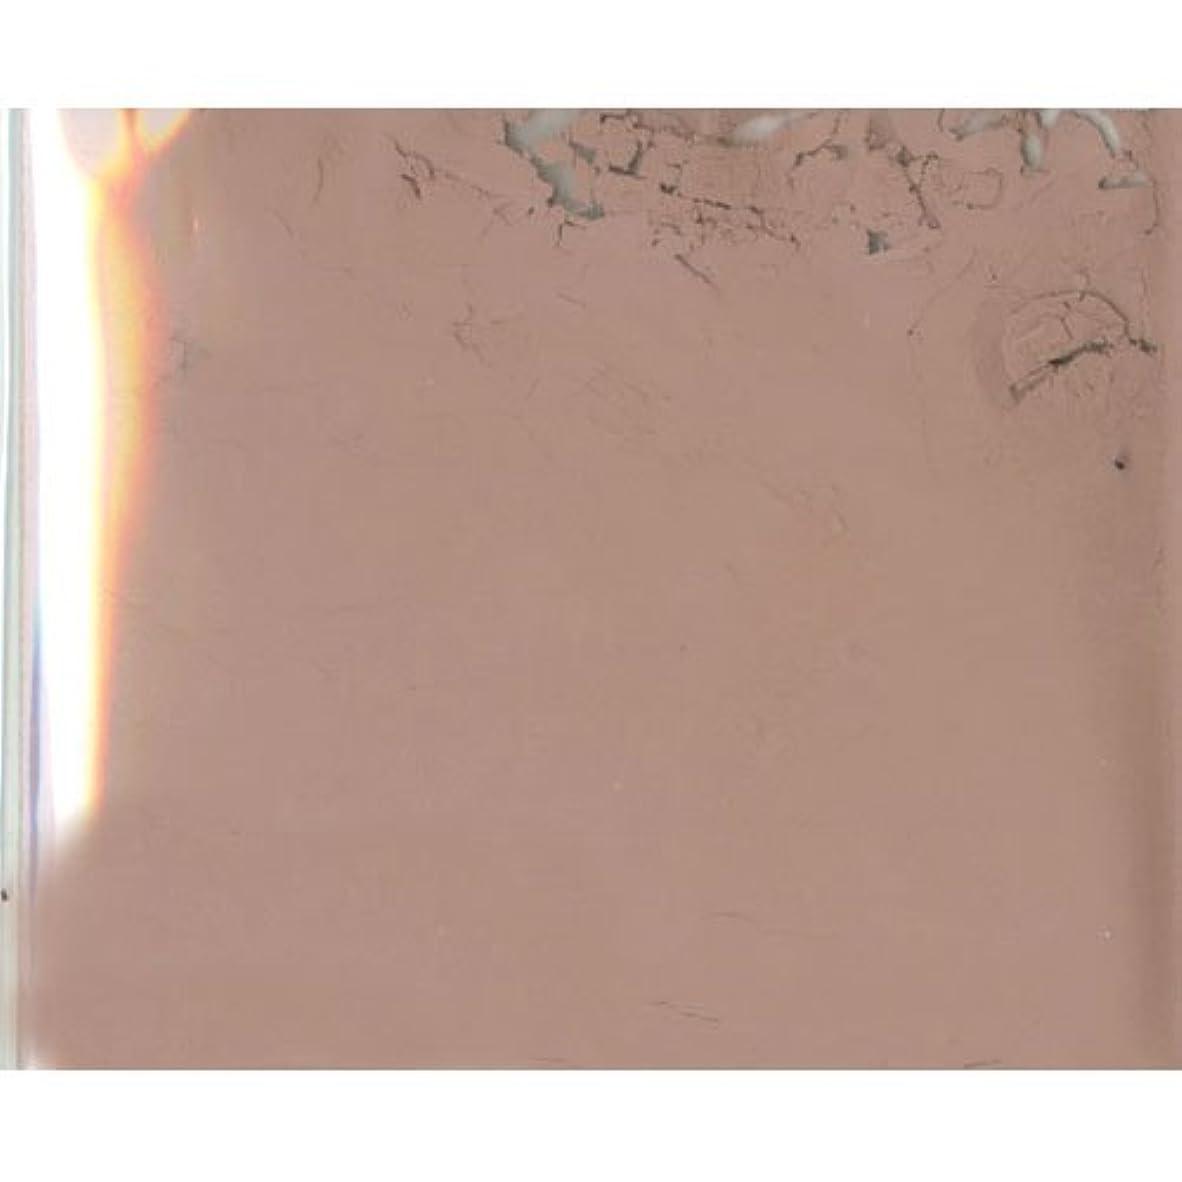 尾応じる症候群ピカエース ネイル用パウダー ピカエース カラーパウダー 透明顔料 #985 チョコレートブラウン 2g アート材